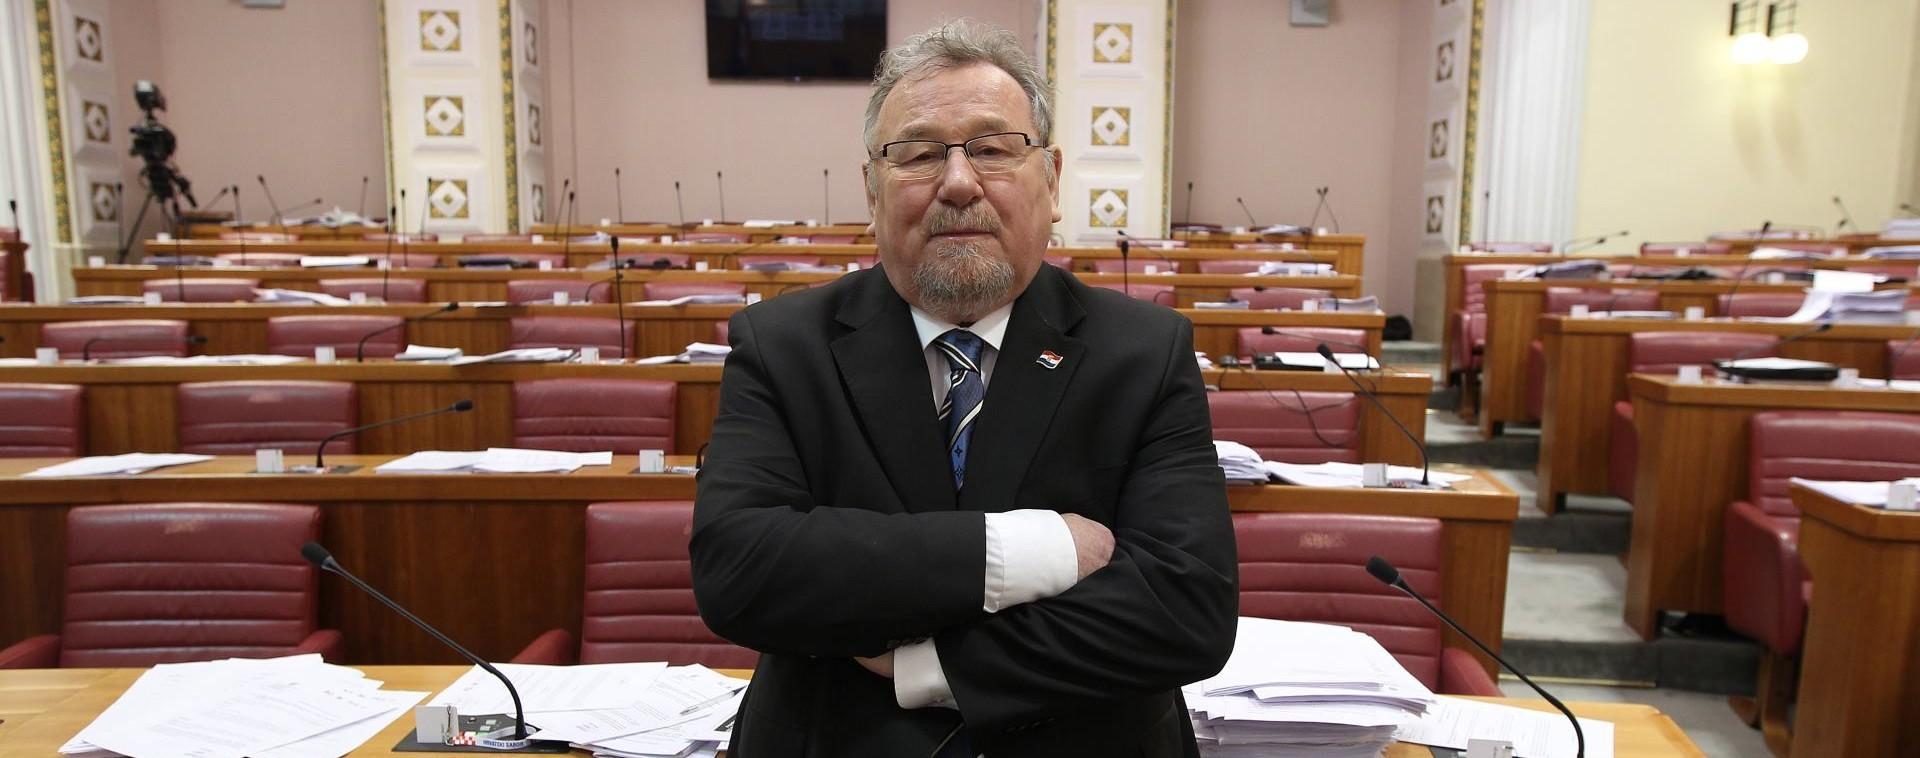 VLADIMIR ŠEKS: 'U nacionalnom interesu bilo bi da Tomislav Karamarko odstupi'